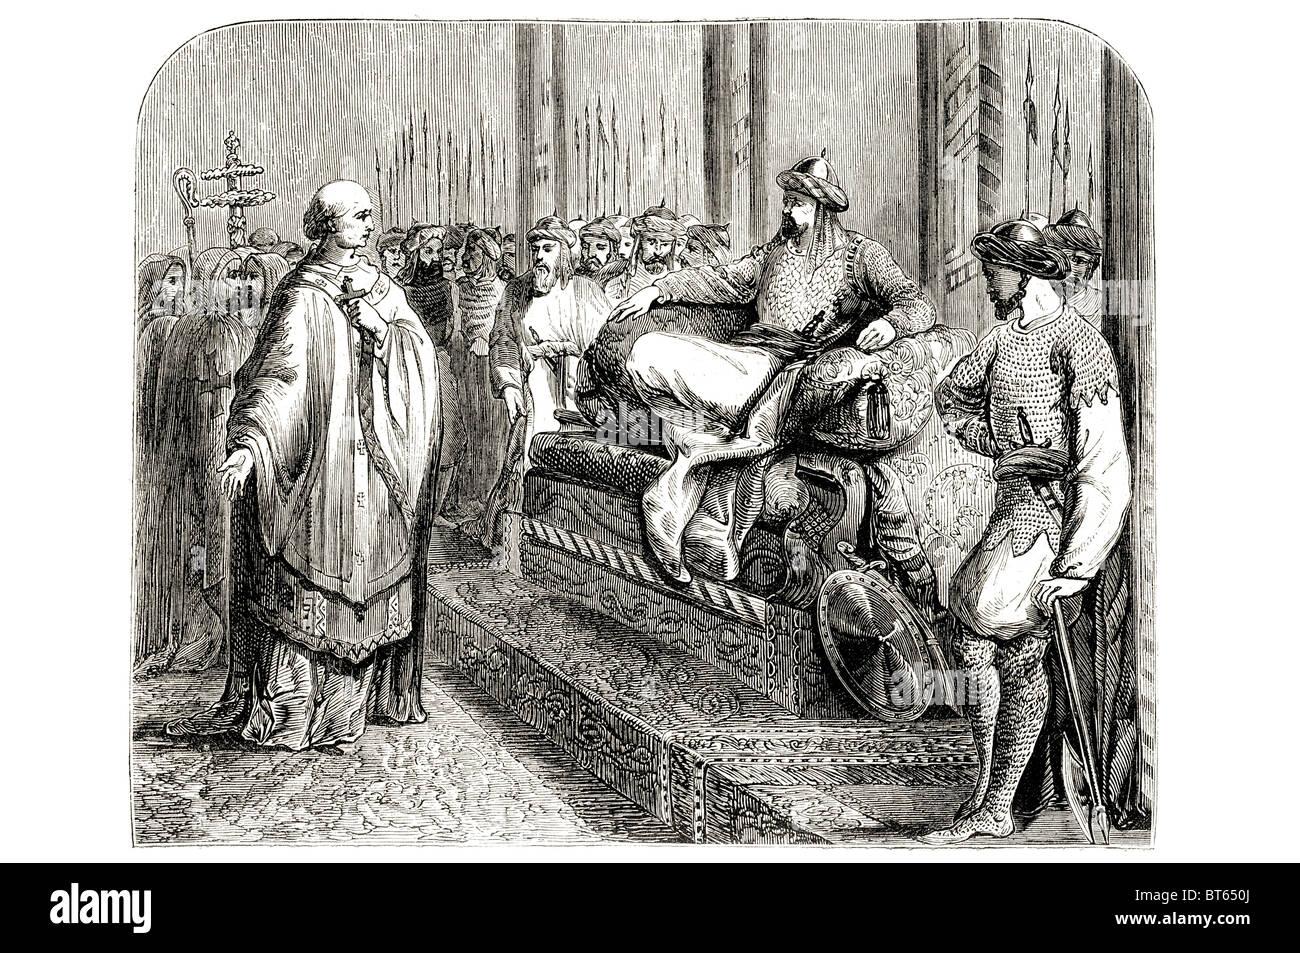 bishop of salisbury before Ṣalāḥ ad-Dīn Yūsuf ibn Ayyūbi  Ṣalāḥ al-Dīn Yūsuf ibn Ayyūb Selah'edînê - Stock Image